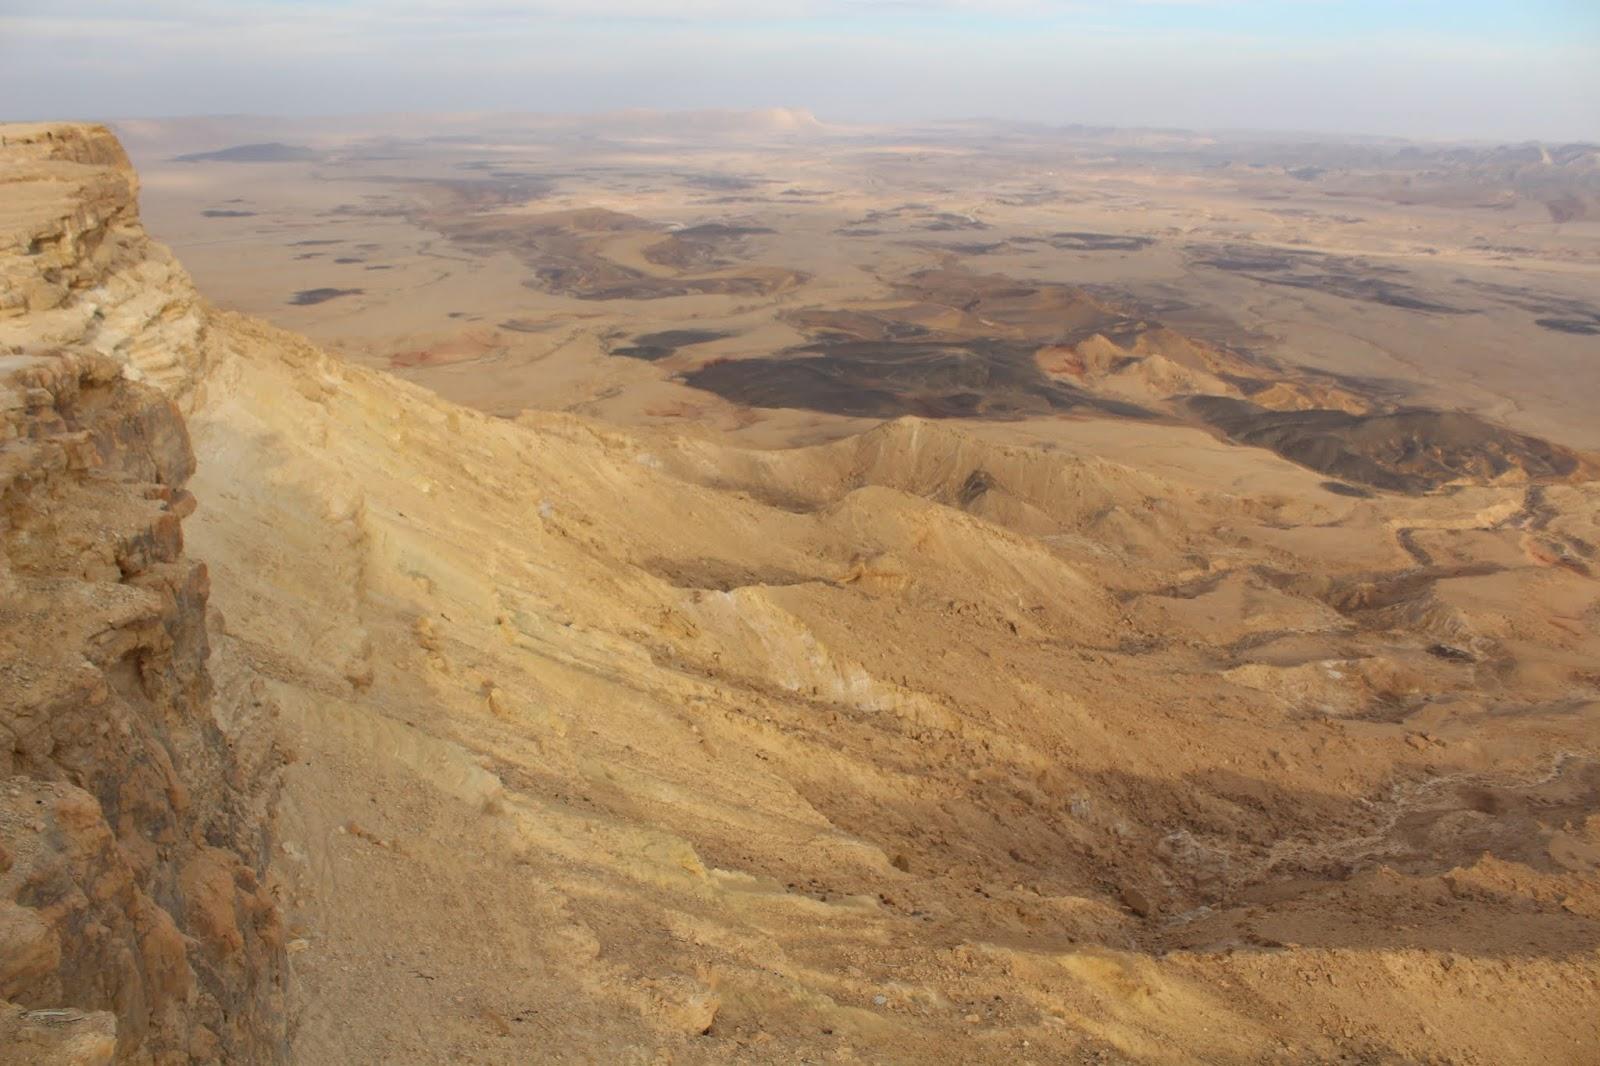 makhtesh mitzpe ramon israele